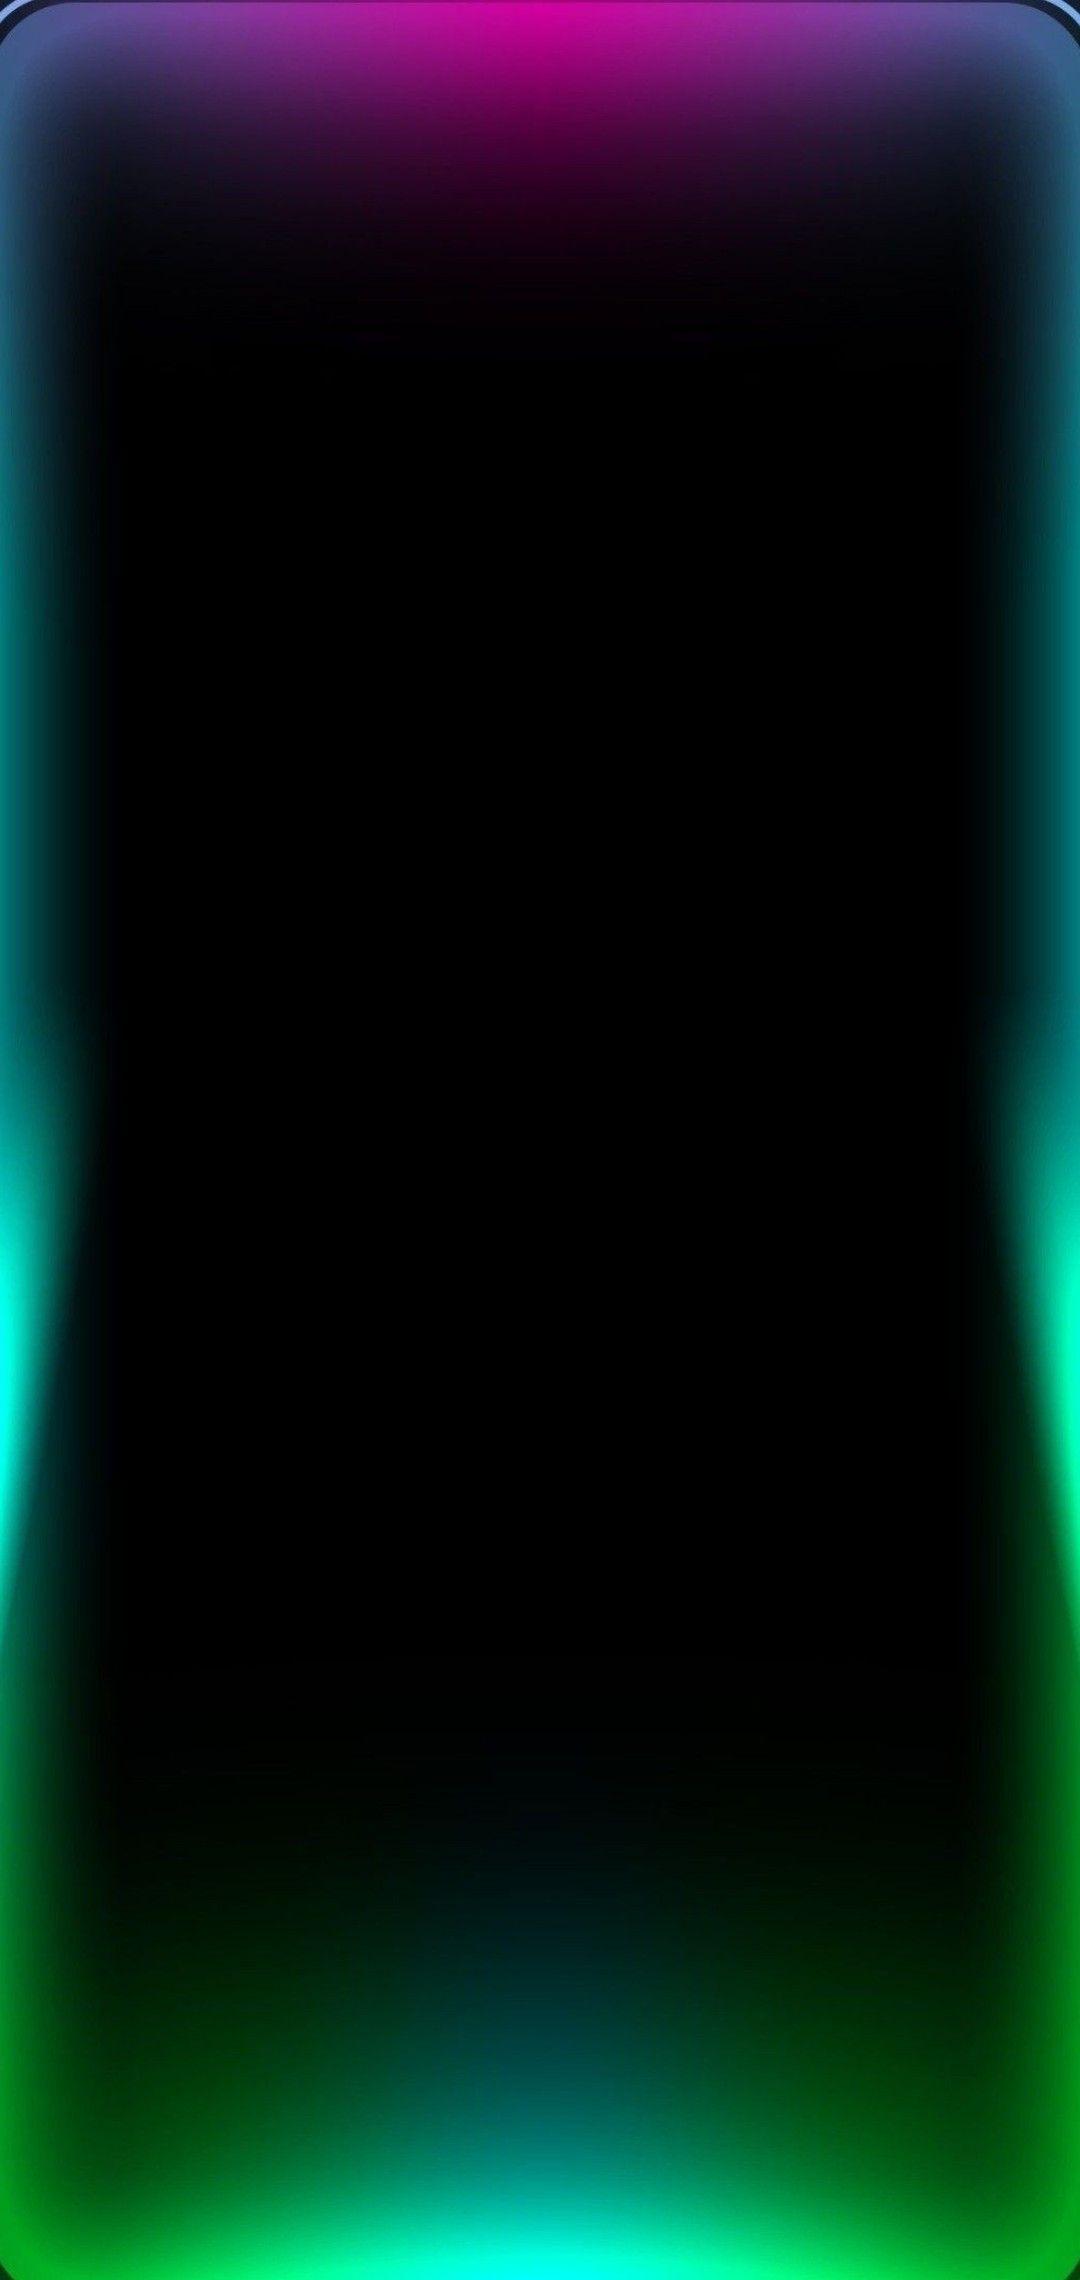 Frame Border Rainbow Light For 1080x2280 Wallpaper Oppo F7